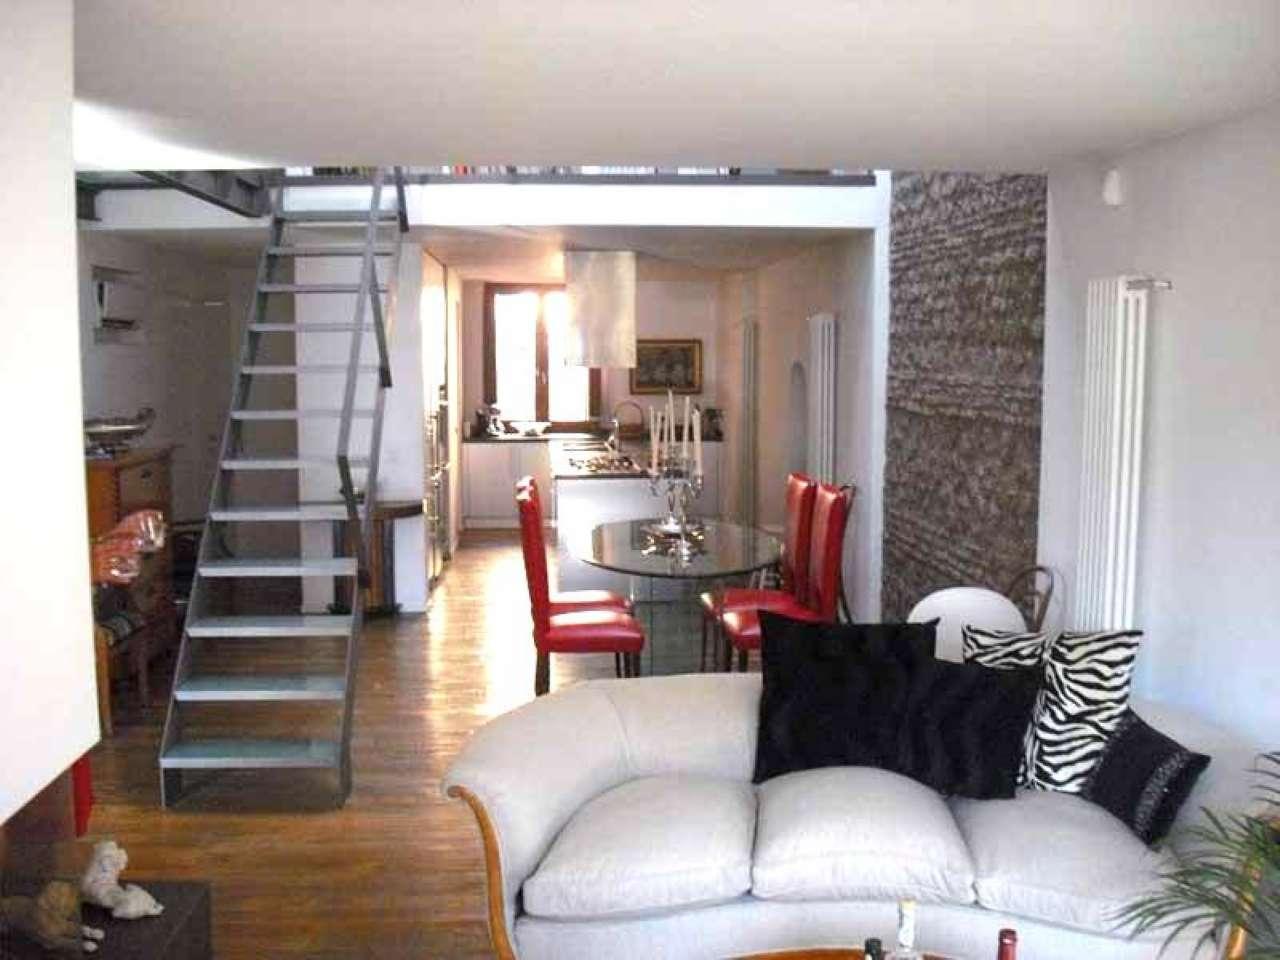 Appartamento in vendita a Roma, 6 locali, zona Zona: 1 . Centro storico, Trattative riservate | CambioCasa.it